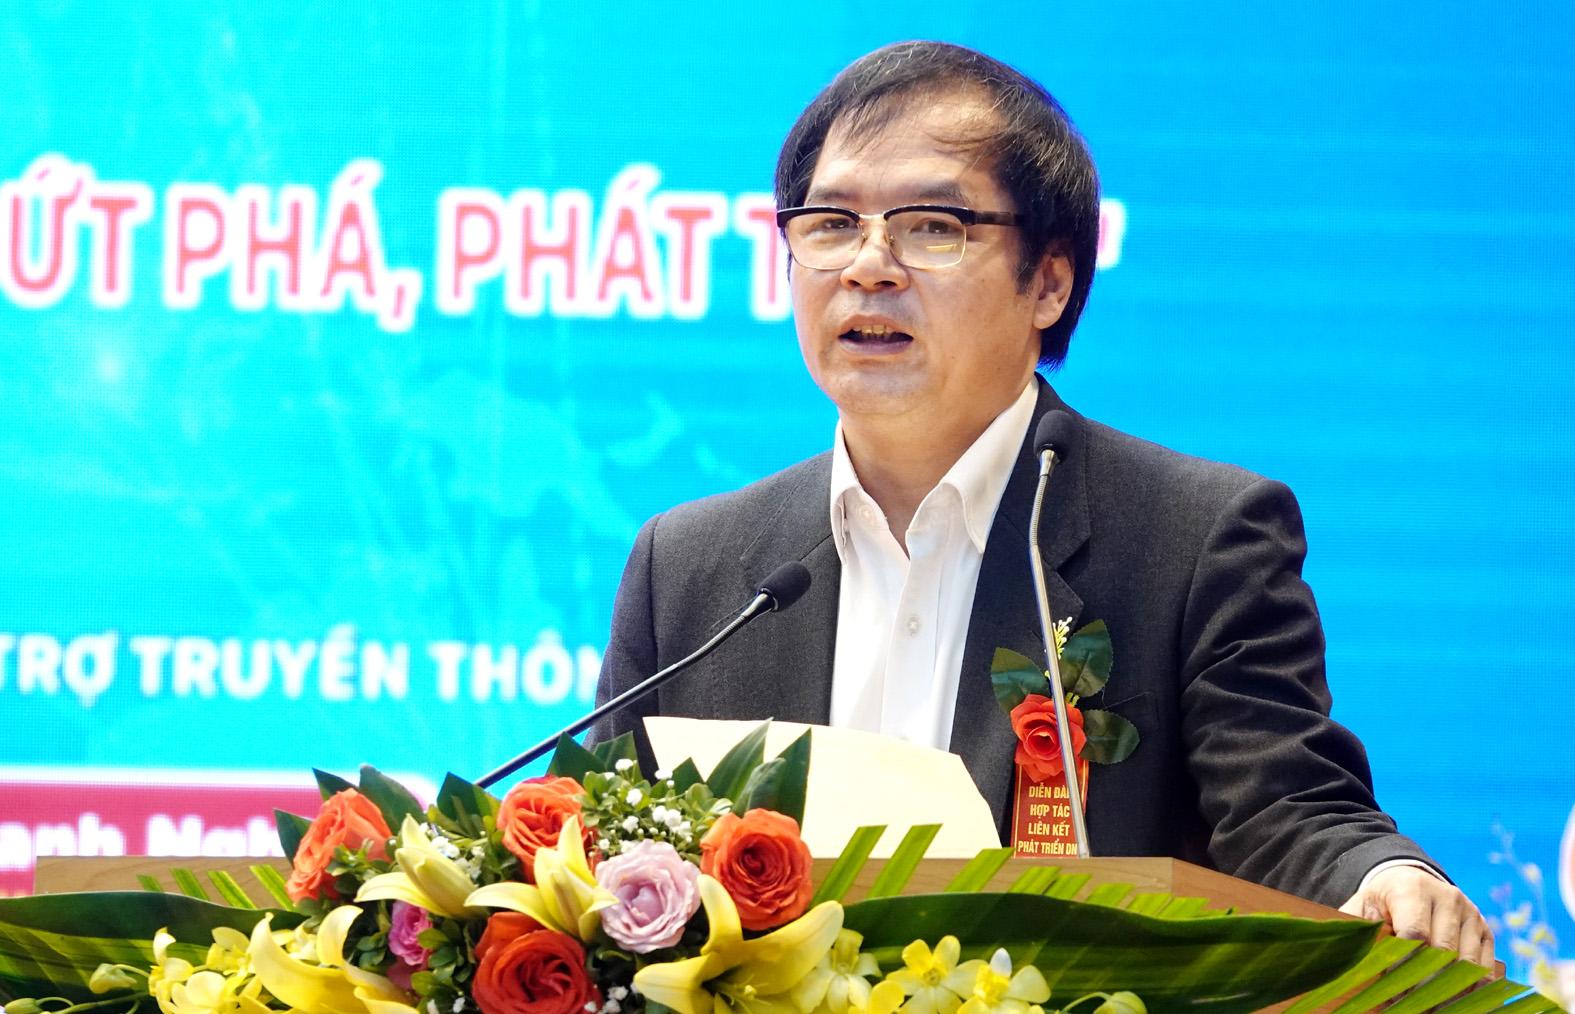 Tiến sĩ Tô Hoài Nam, Phó Chủ tịch Thường trực VINASME.